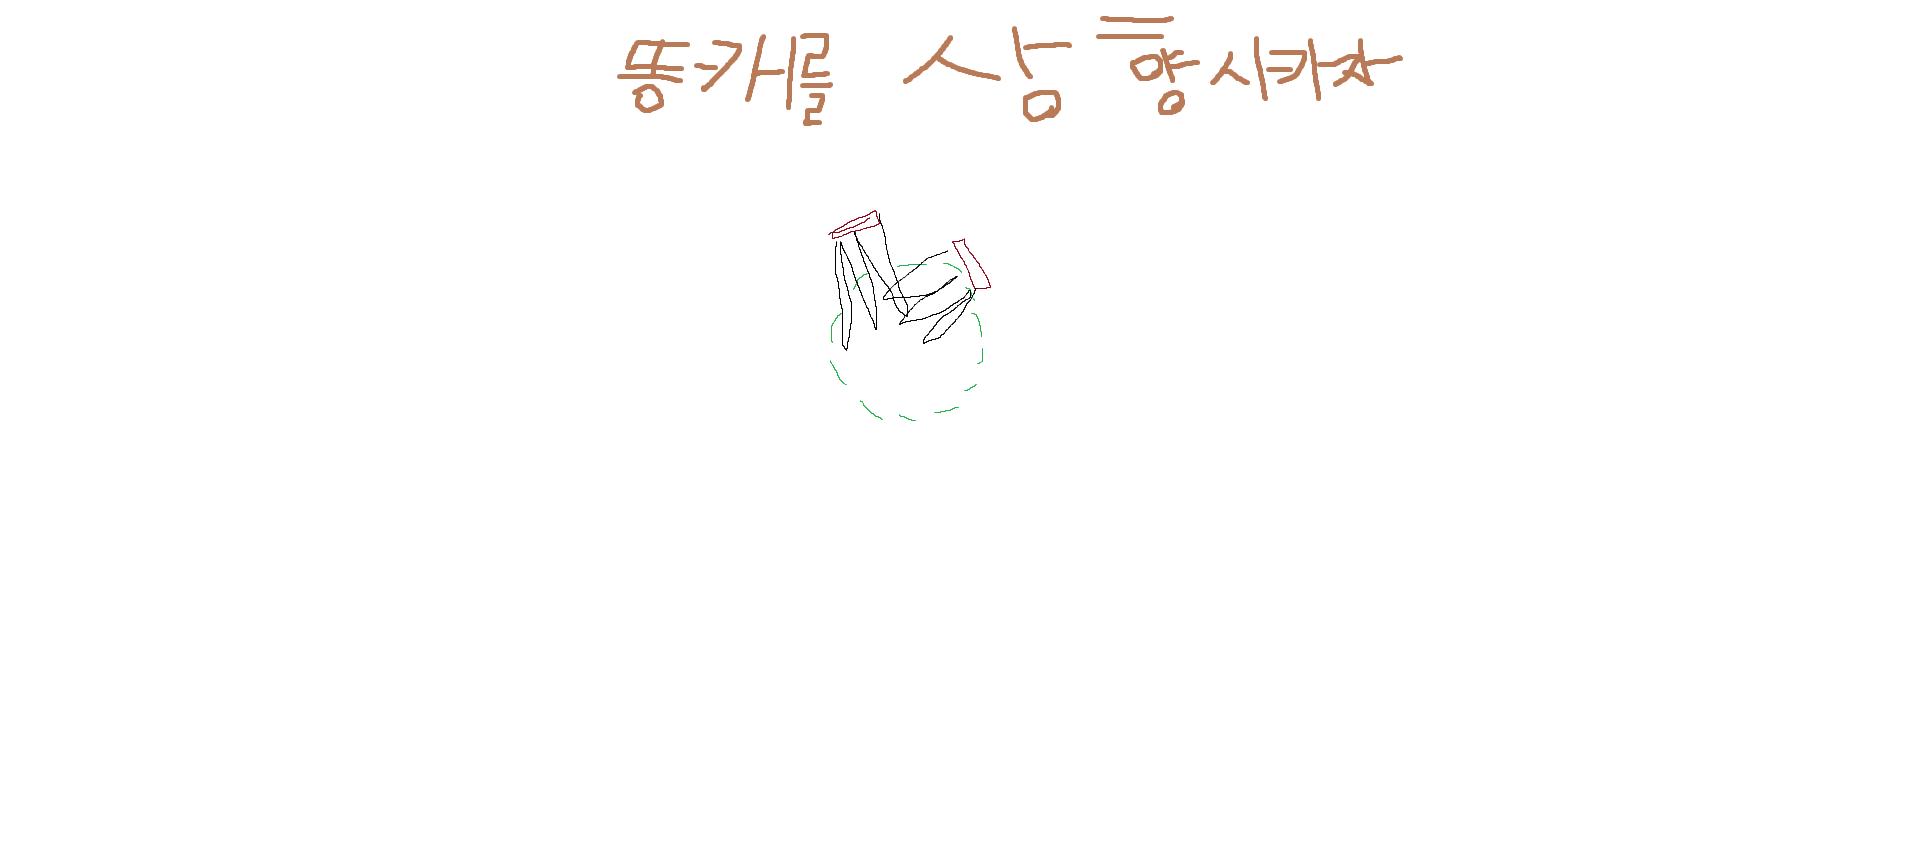 (대충 쉐어가 상향이필요하다는 광고)